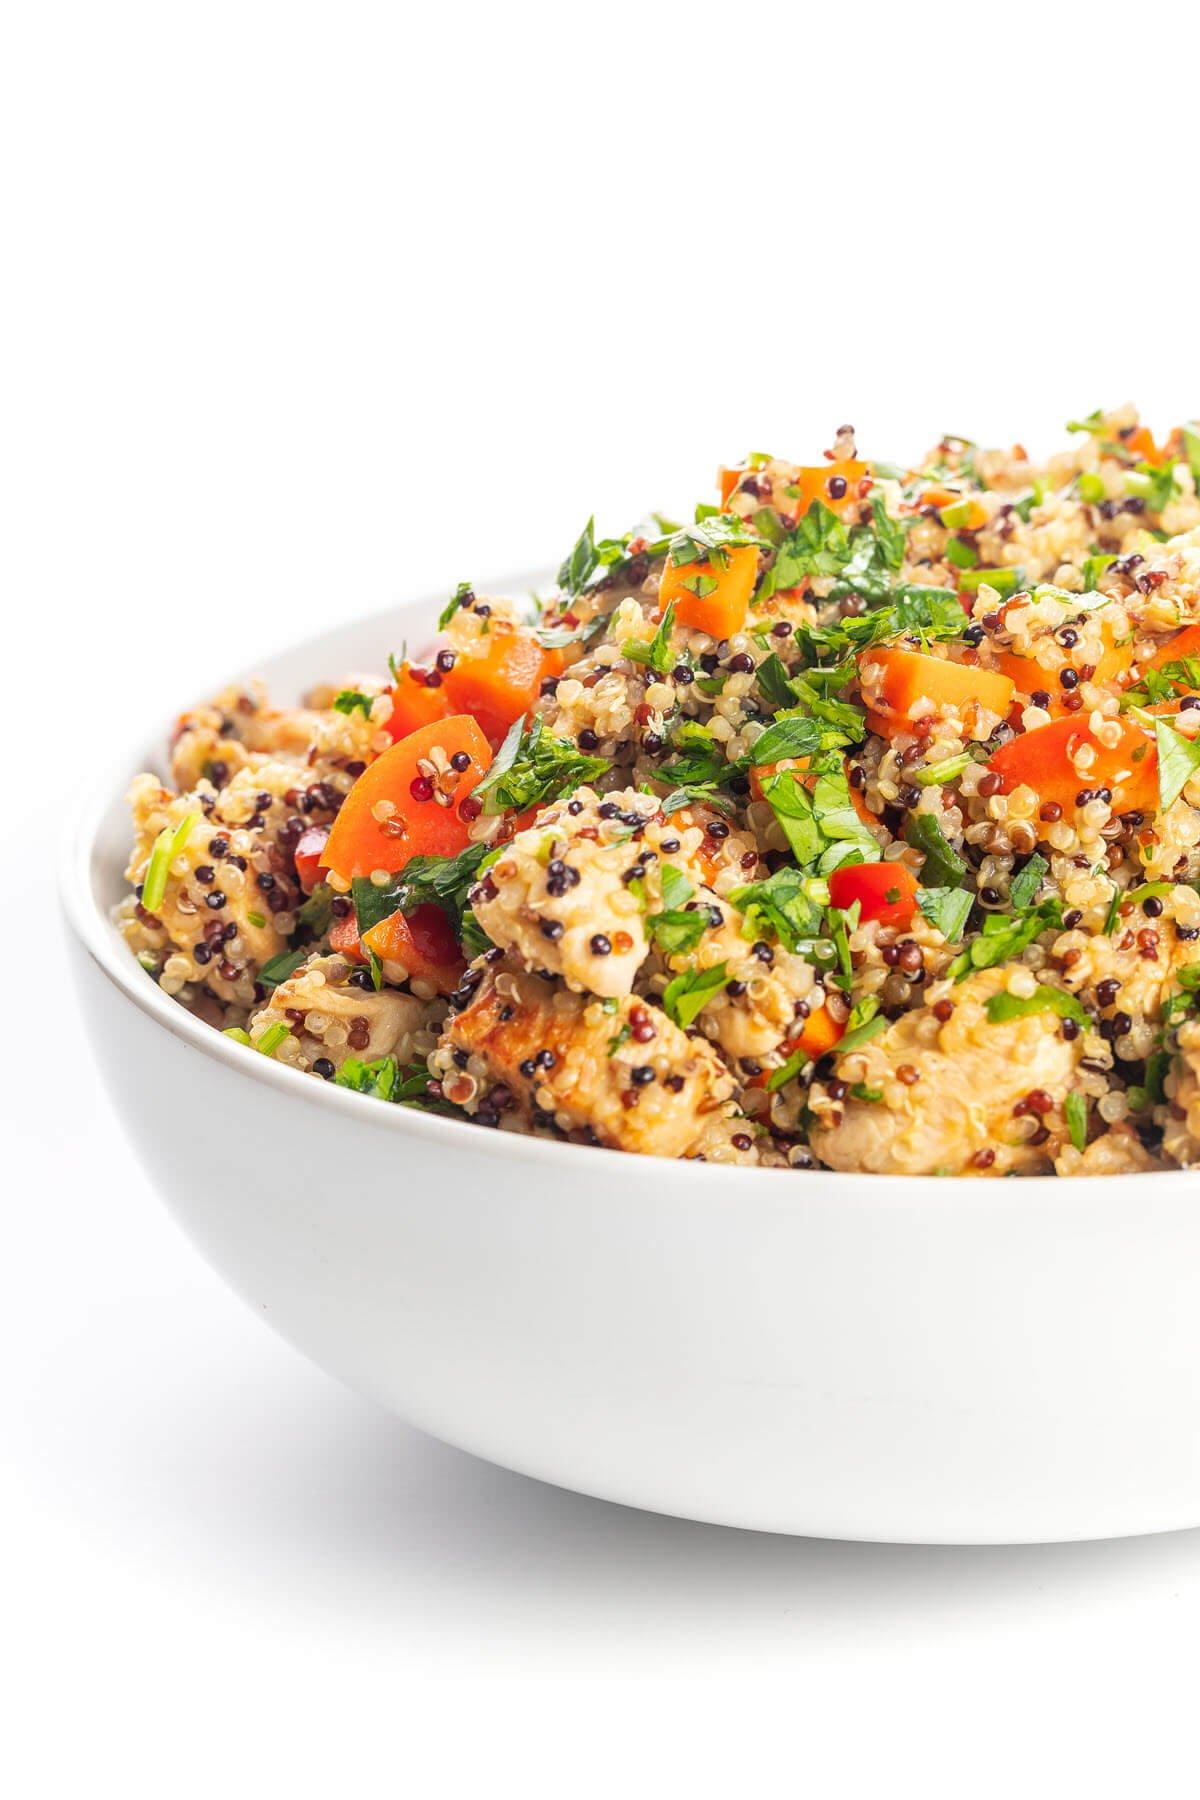 Lebanese quinoa salad